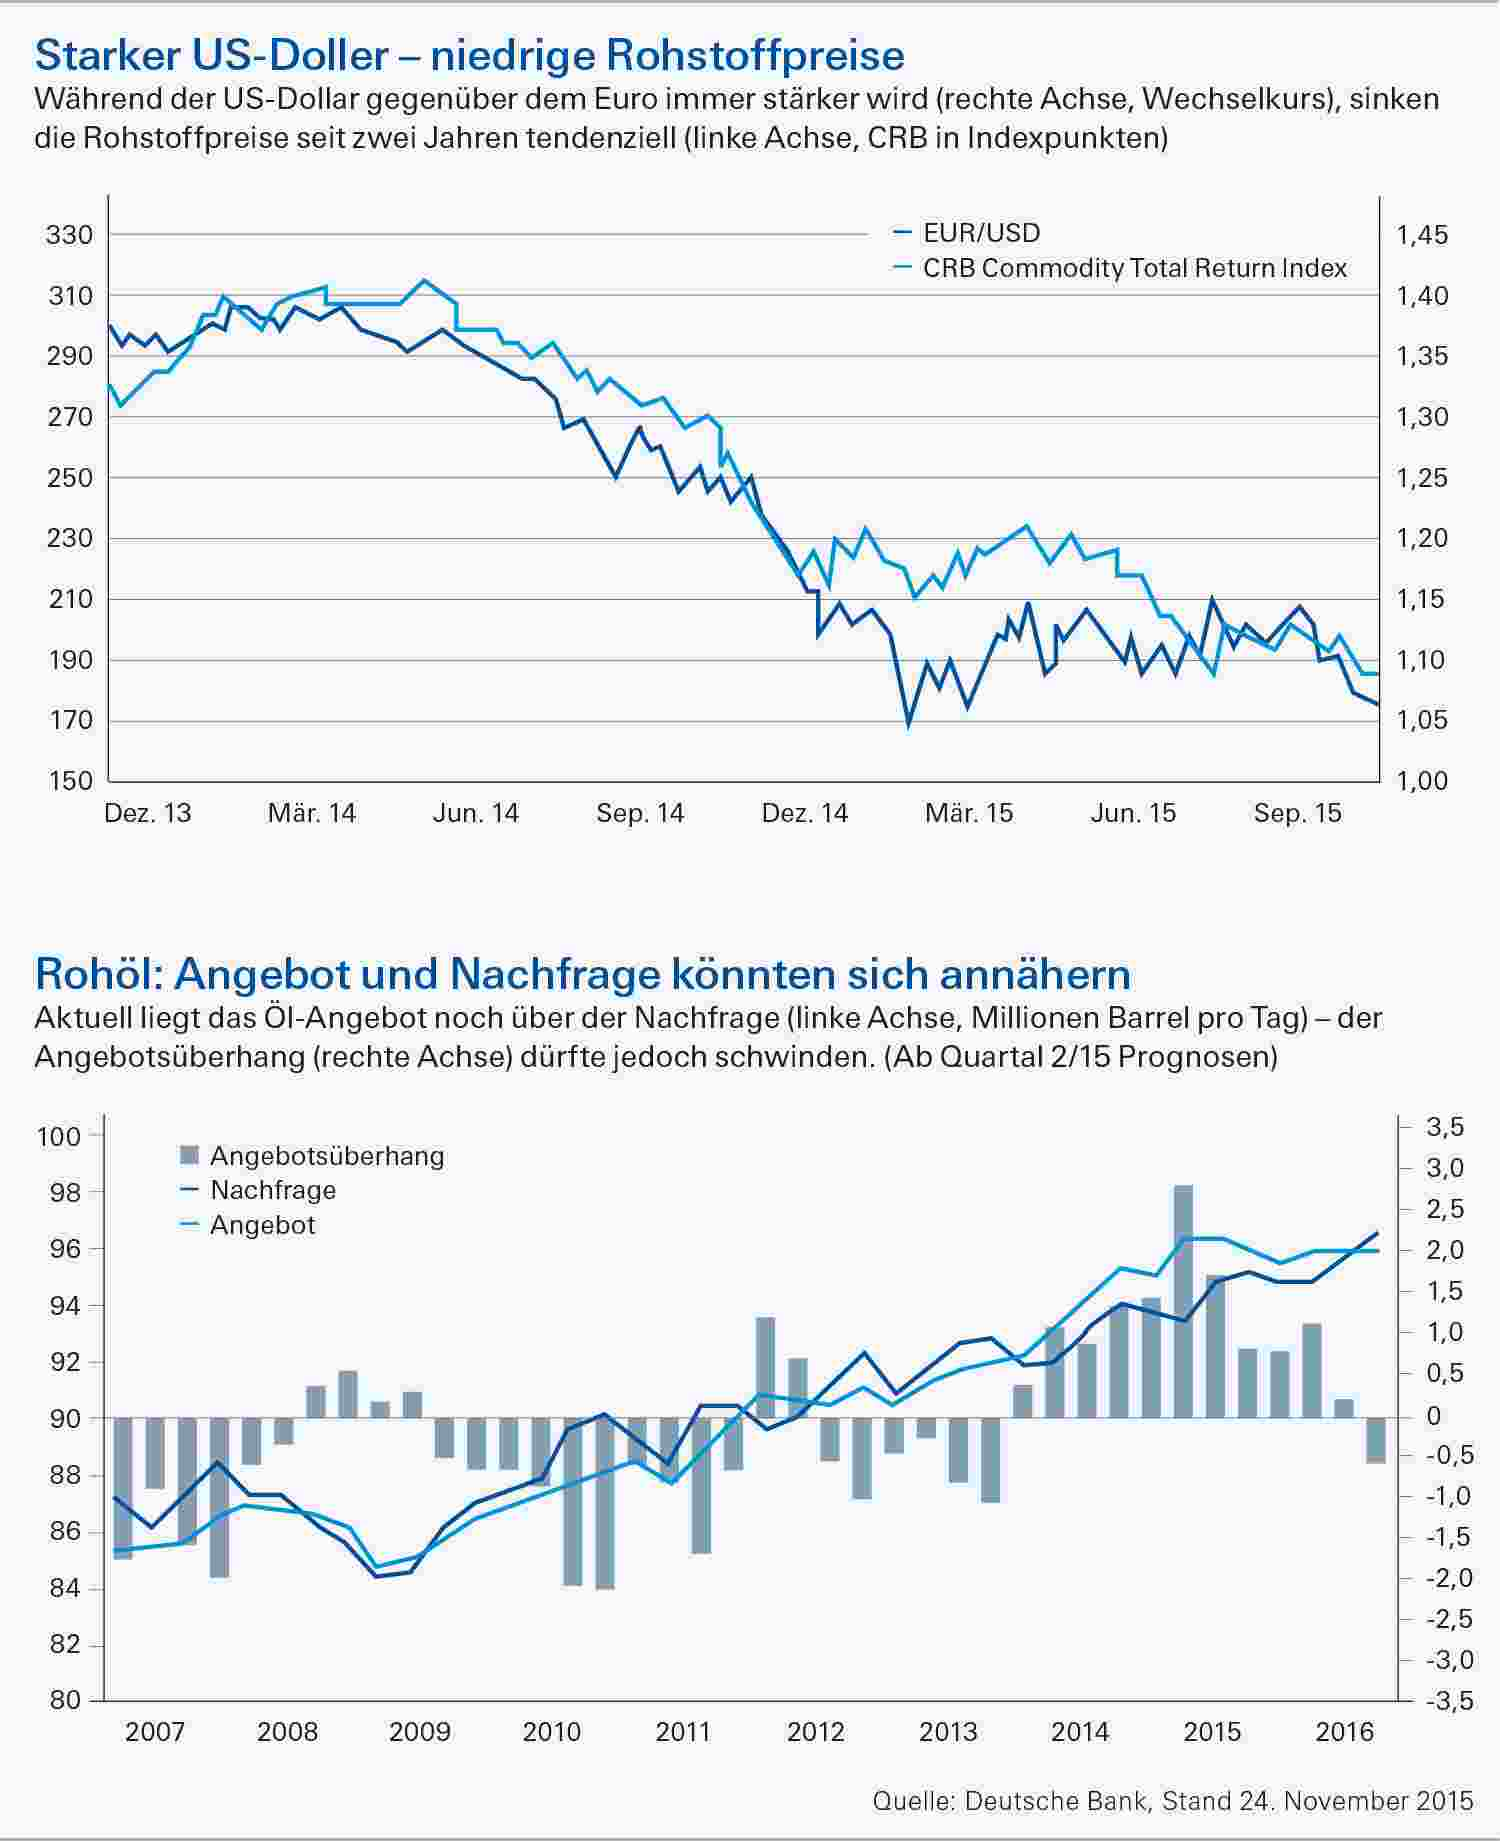 Börsenjahr 2016 - Rohstoffe